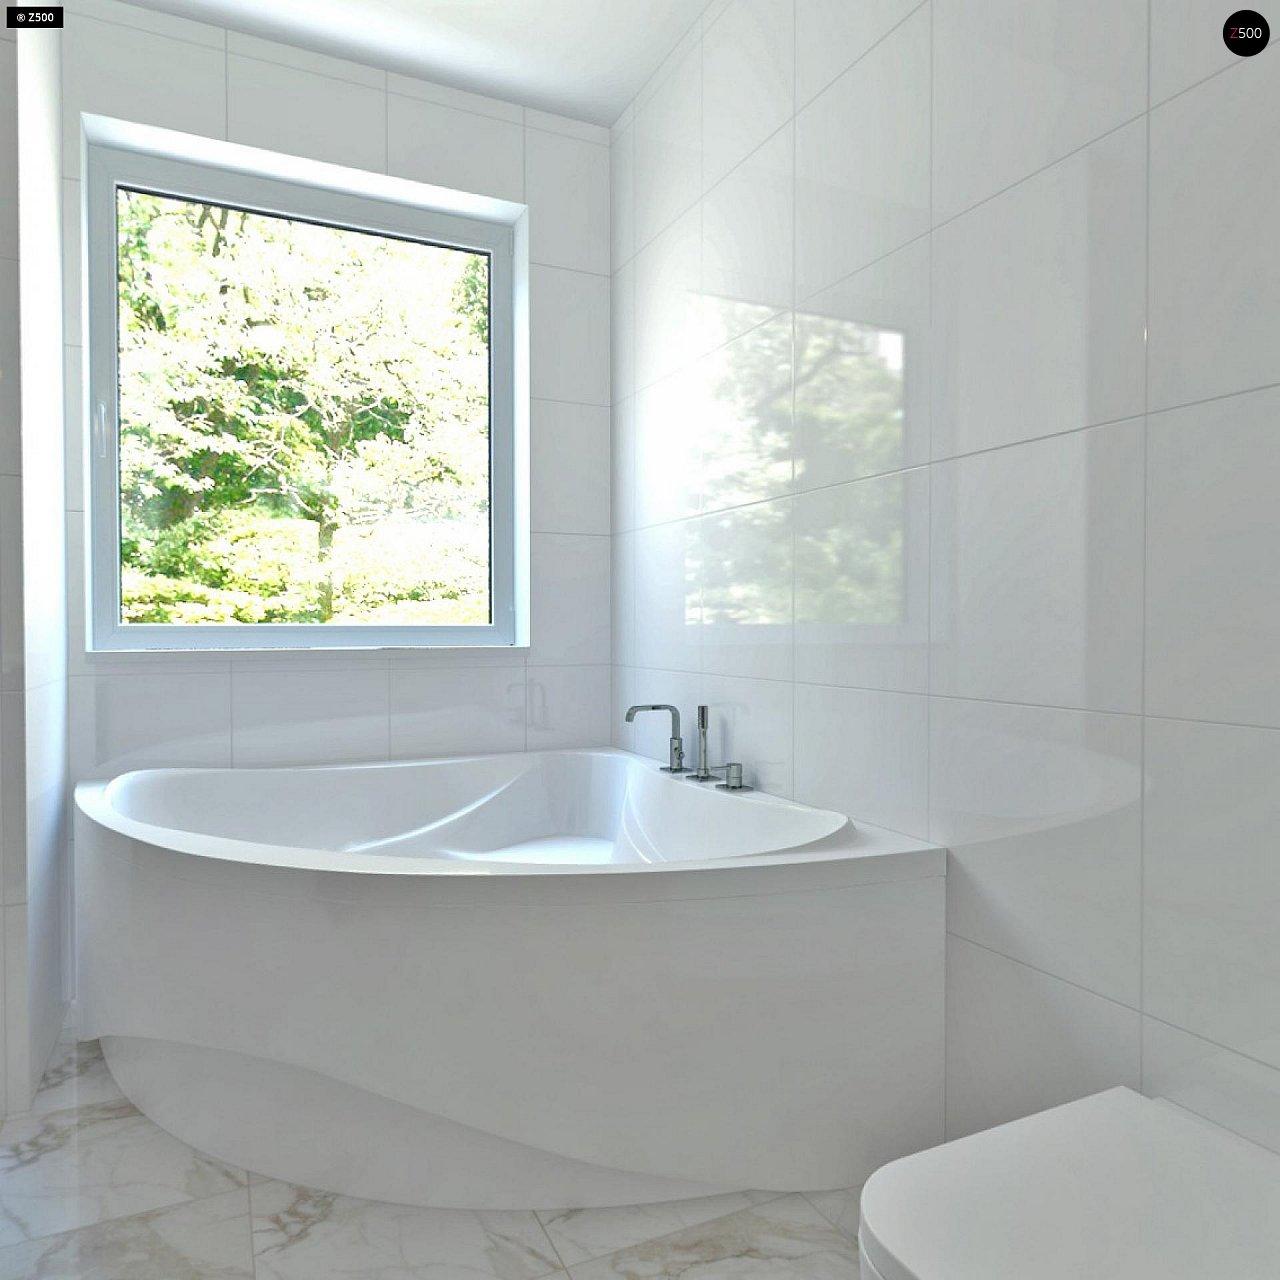 Проект компактного двухэтажного дома строгого современного стиля. 16